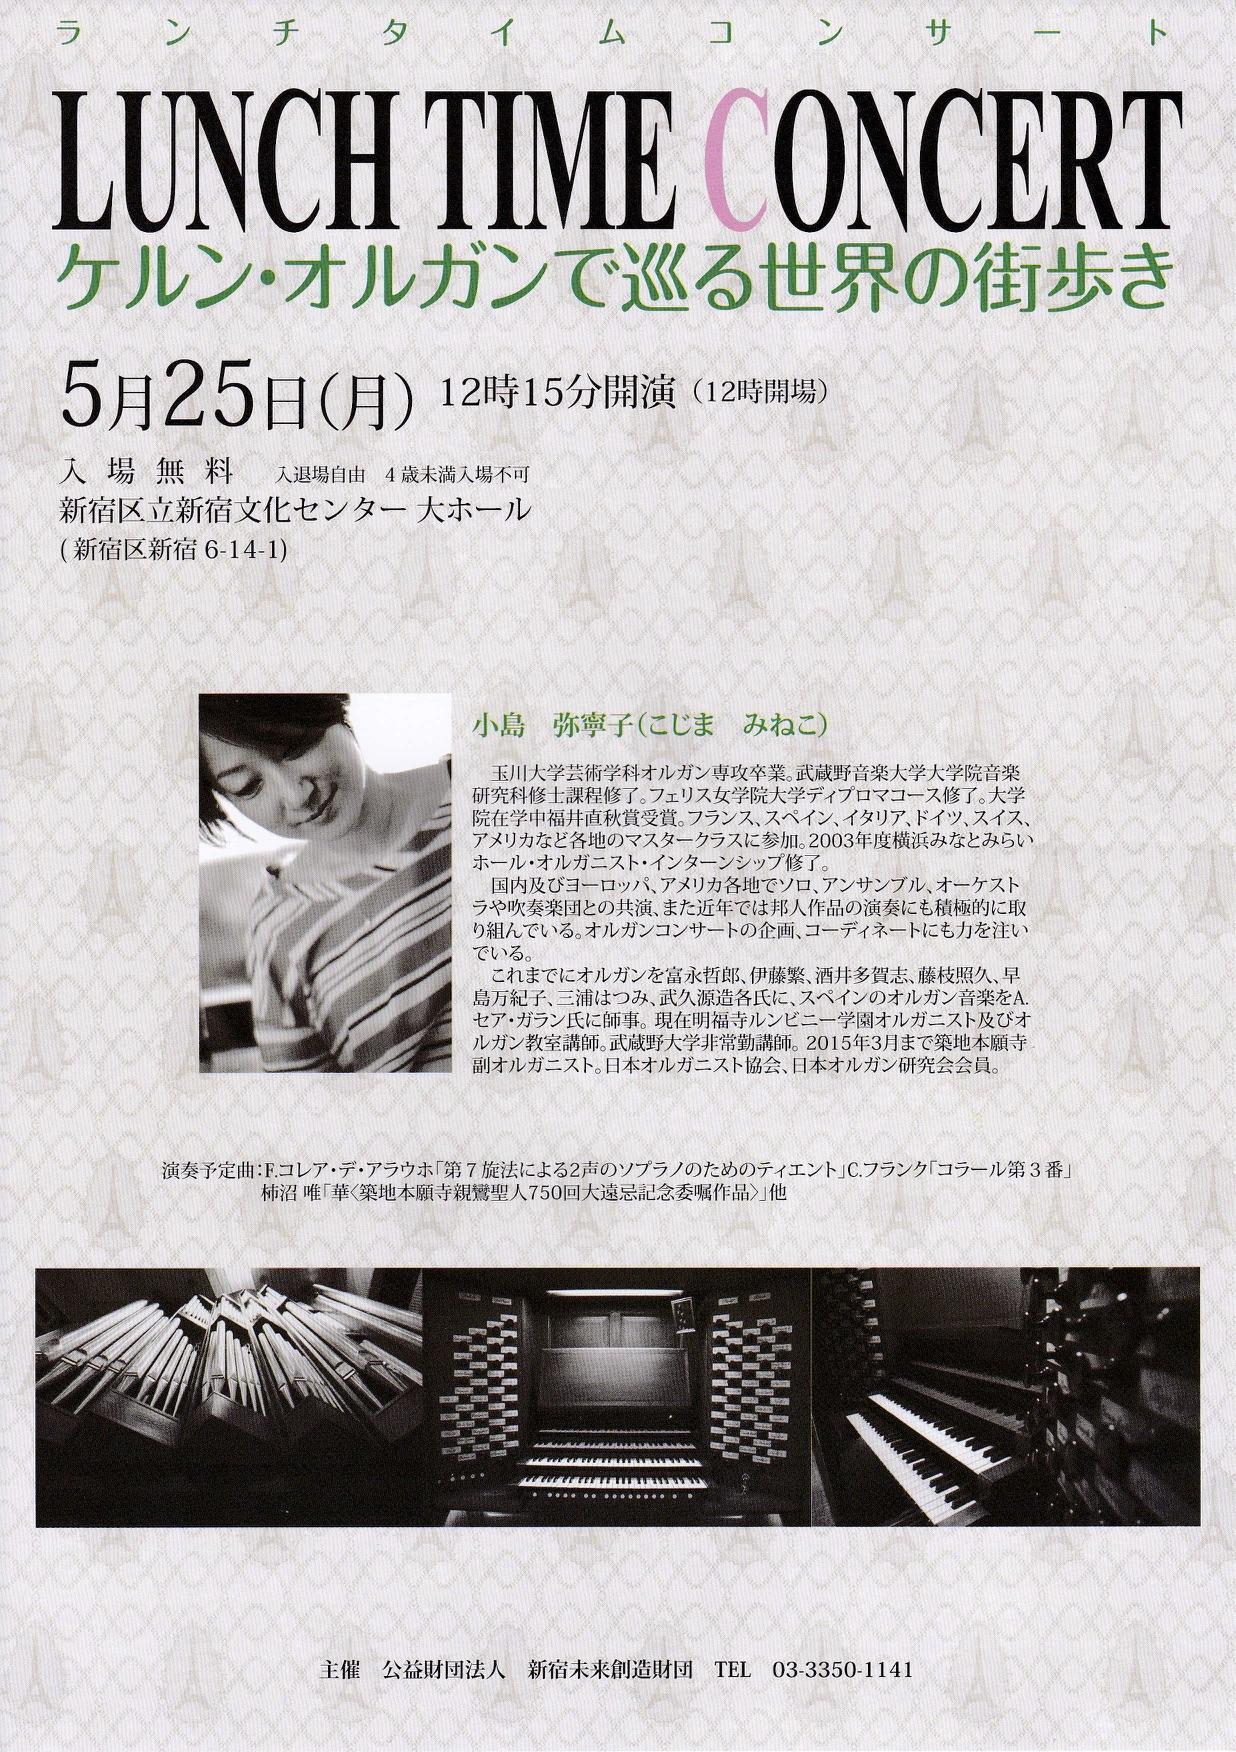 新宿文化センター・ランチタイムコンサート